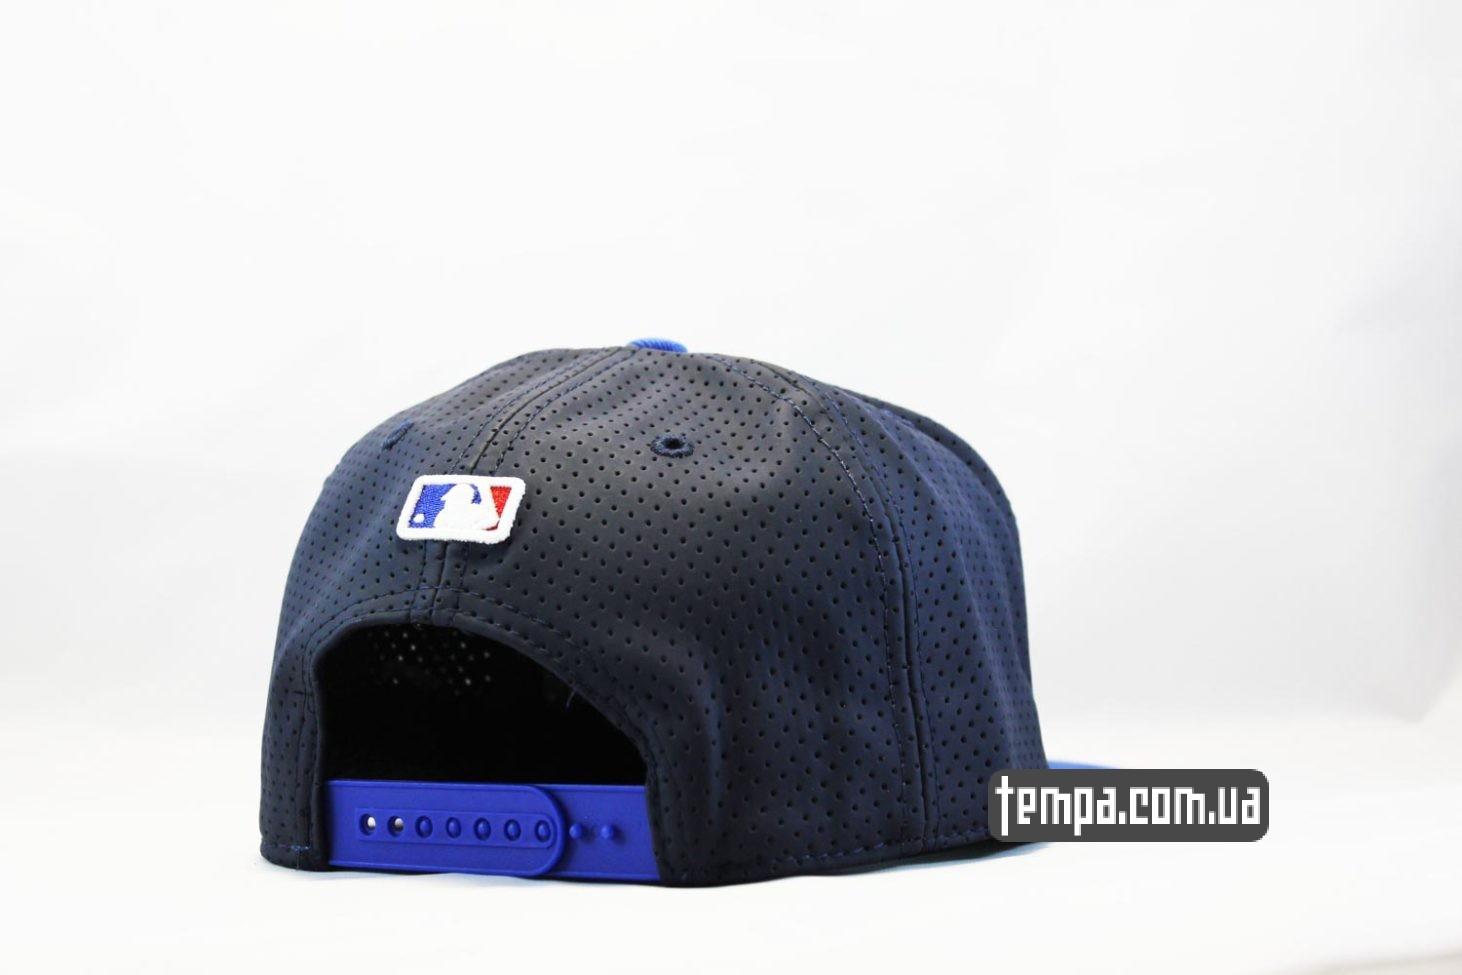 лос анджелес ла бейсболная команда кепка snapback trucker LA Los Angeles New Era с сеткой